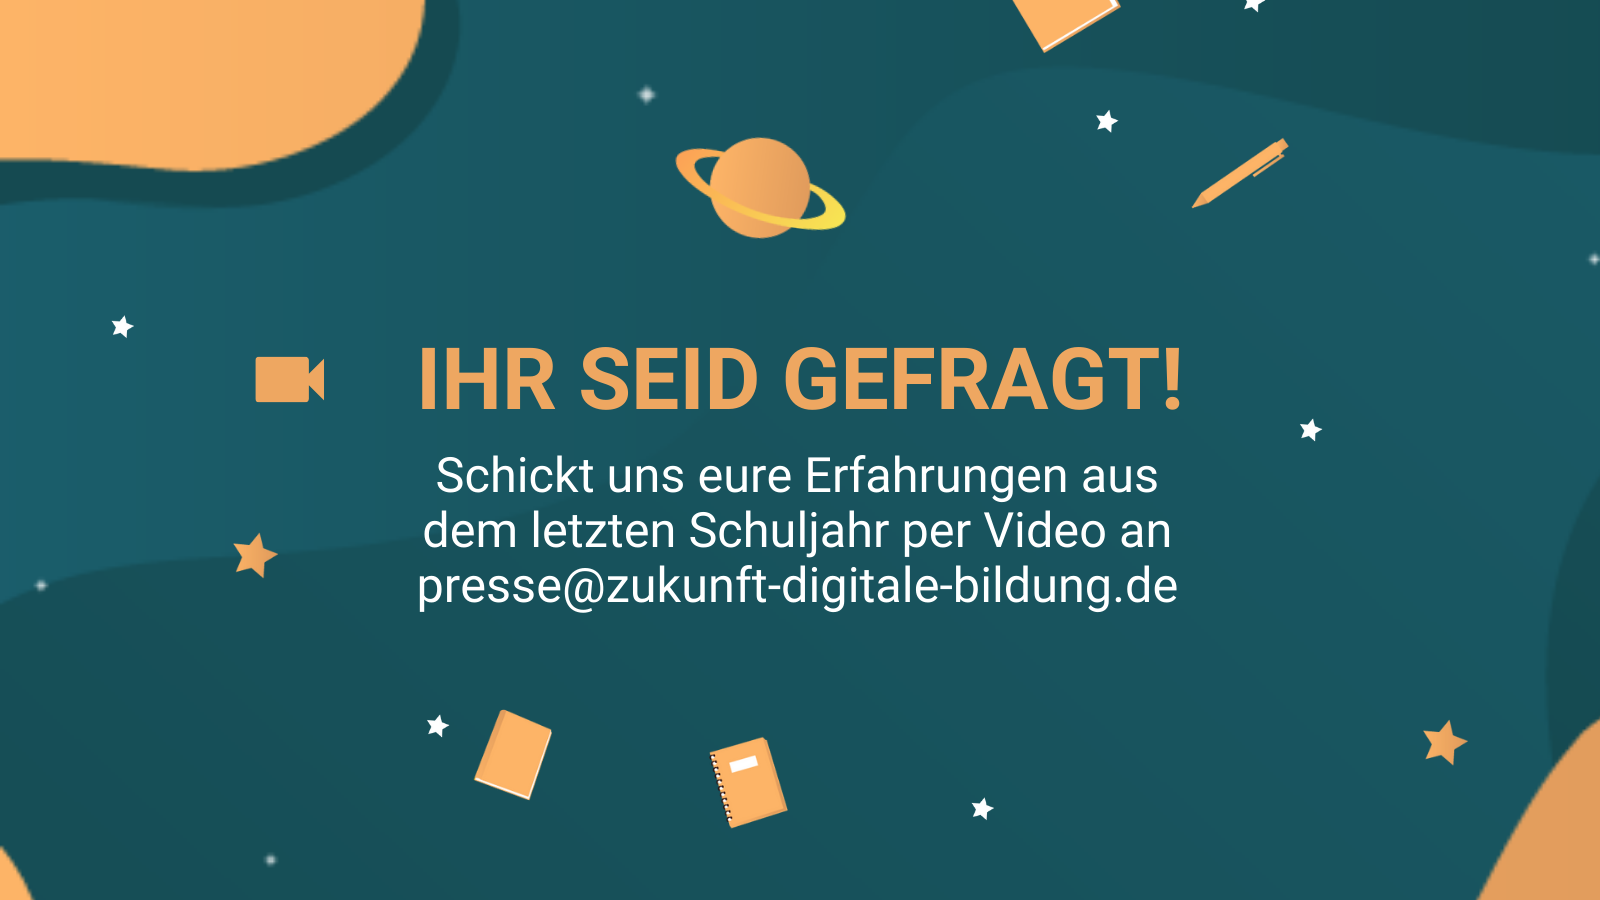 Schickt uns eure Erfahrungen aus dem letzten Schuljahr per Video an presse@zukunft-digitale-bildung.de